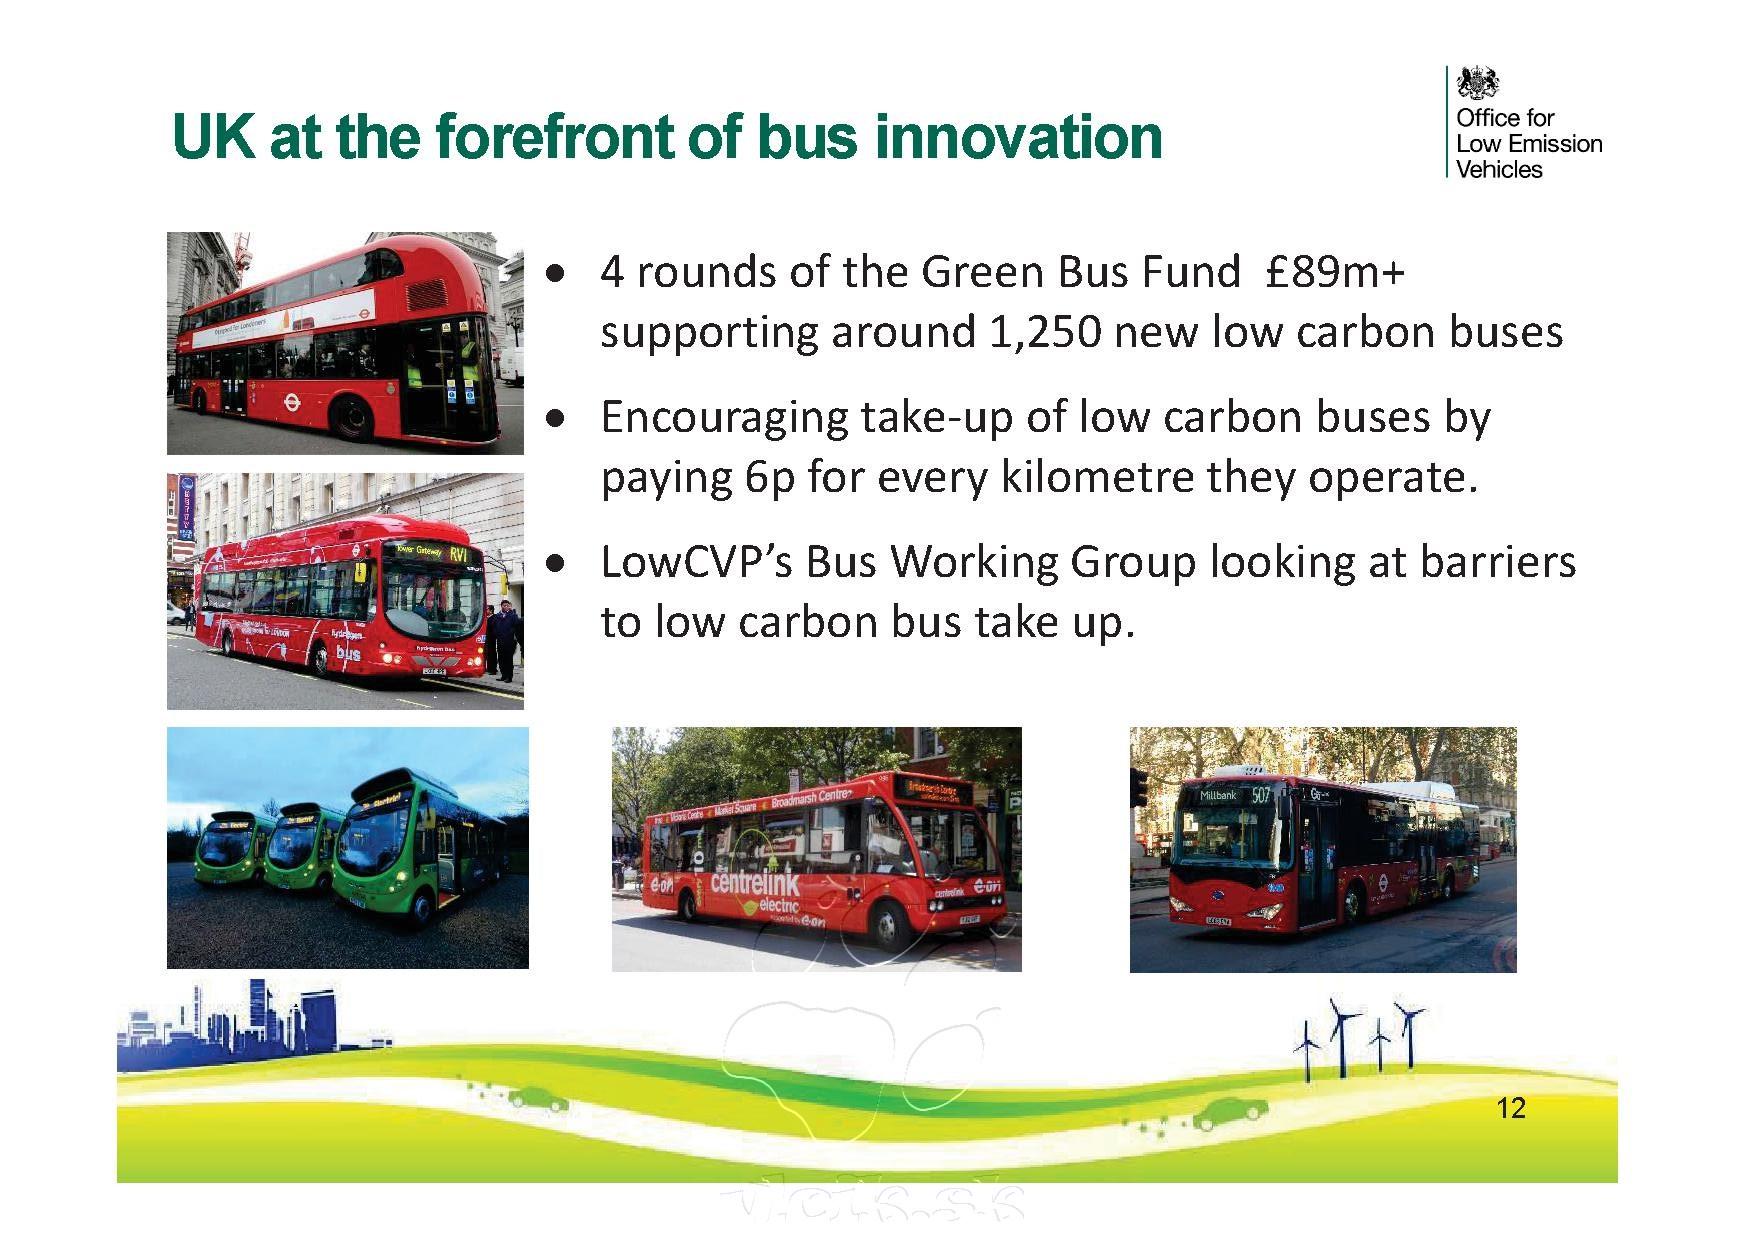 plány kancelárie pre nízko emisné vozidlá